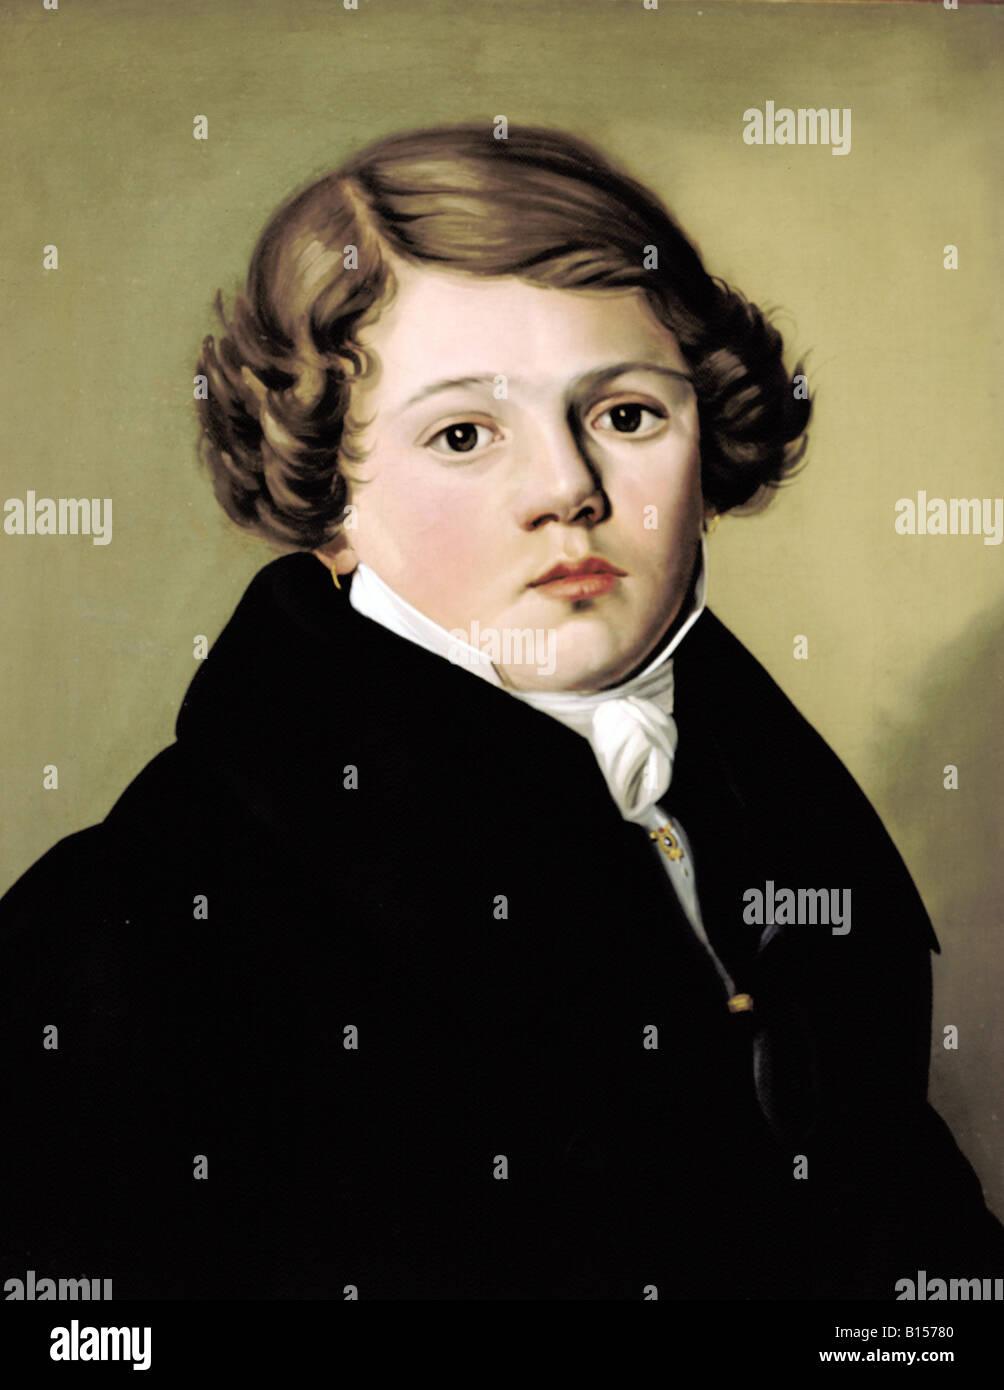 Bildende Kunst, Romantik, Lorenz Zerhoch, Sohn eines Münchner Bäcker, Malerei, unbekannter Künstler, Stockbild